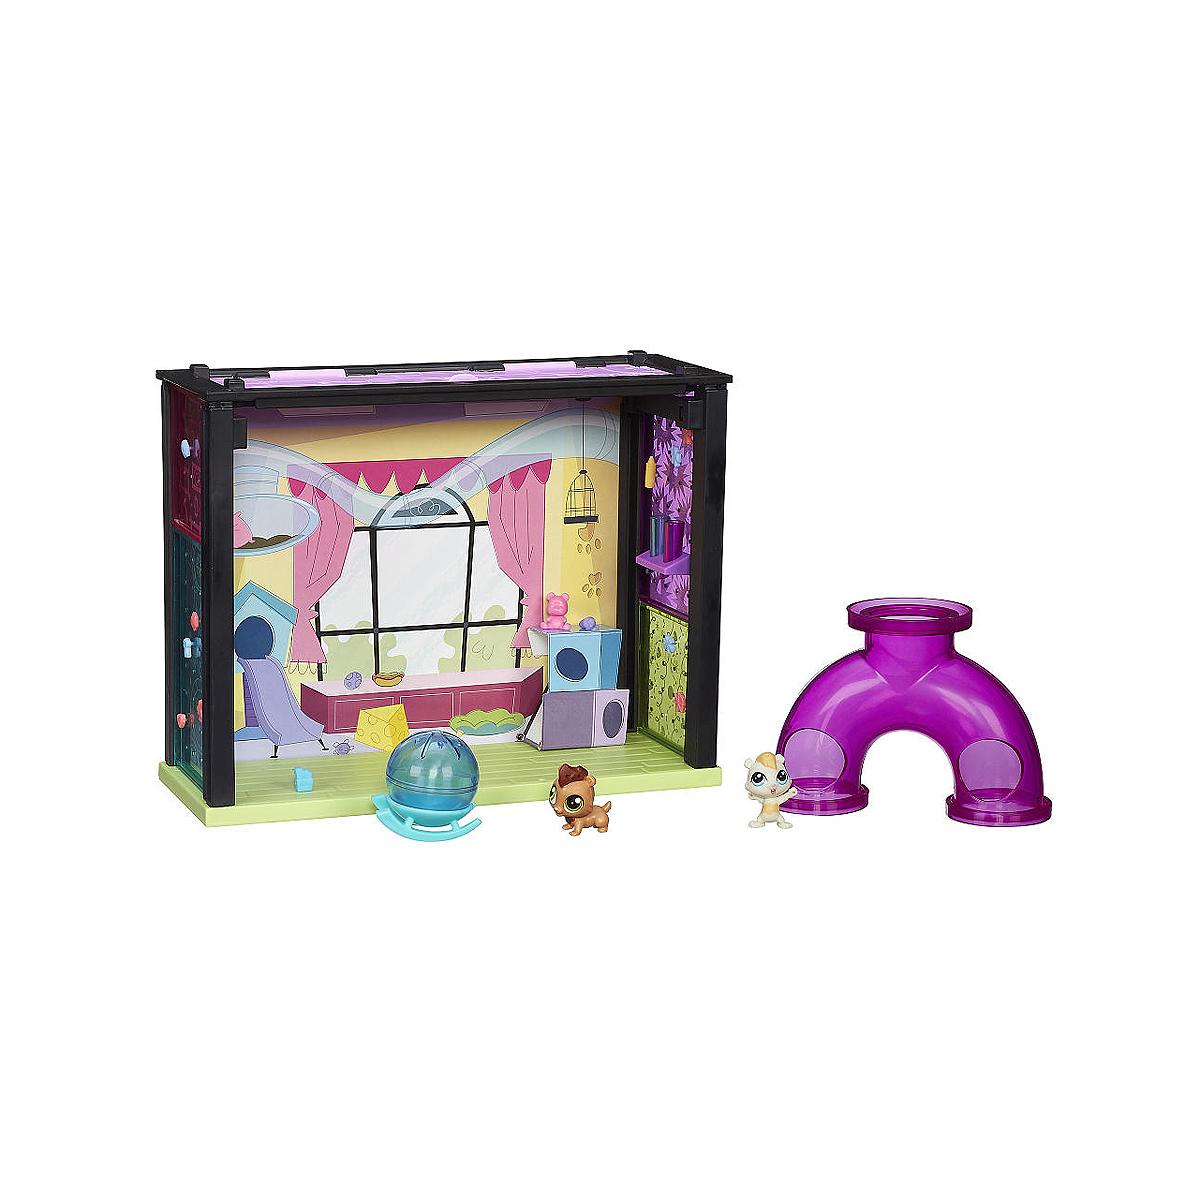 Littlest Pet Shop: Игровой мини-набор Fun RoomA7641/А8543Игровой мини-набор Littlest Pet Shop Fun Room не оставит равнодушной вашу малышку! В этой чудной комнате развелечений малыши Чомпер и Гамильтон найдут шарик-качалку, а также фиолетовую трубу с тремя входами-выходами. Время веселиться! Набор включает в себя элементы для сборки комнаты развлечений, фигурки симпатичных зверьков Чомпера и Гамильтона с большими глазками, а также аксессуары для игры. Играя с этим набором, ваша малышка прекрасно проведет время. Порадуйте ее таким замечательным подарком!